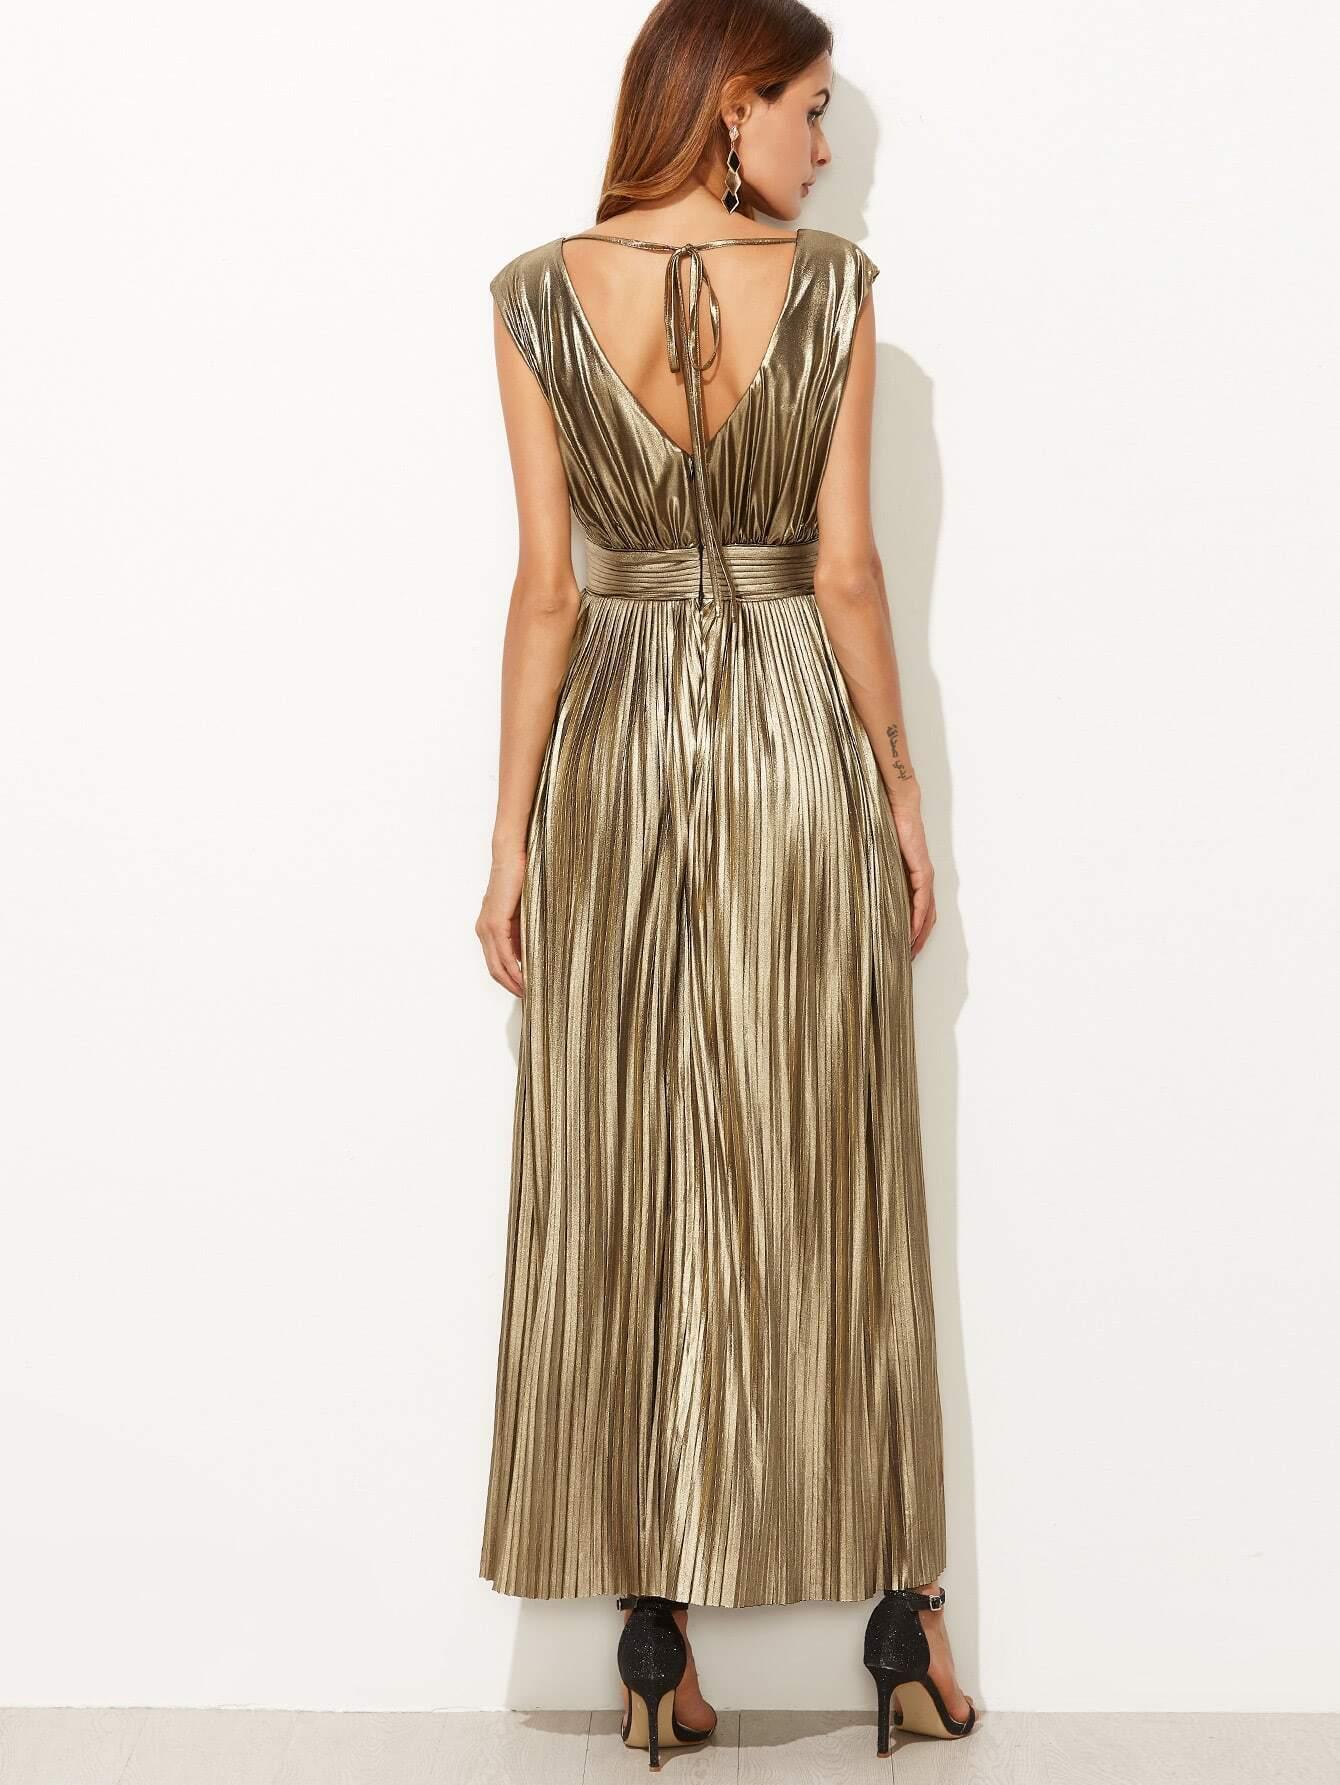 dress161031714_2